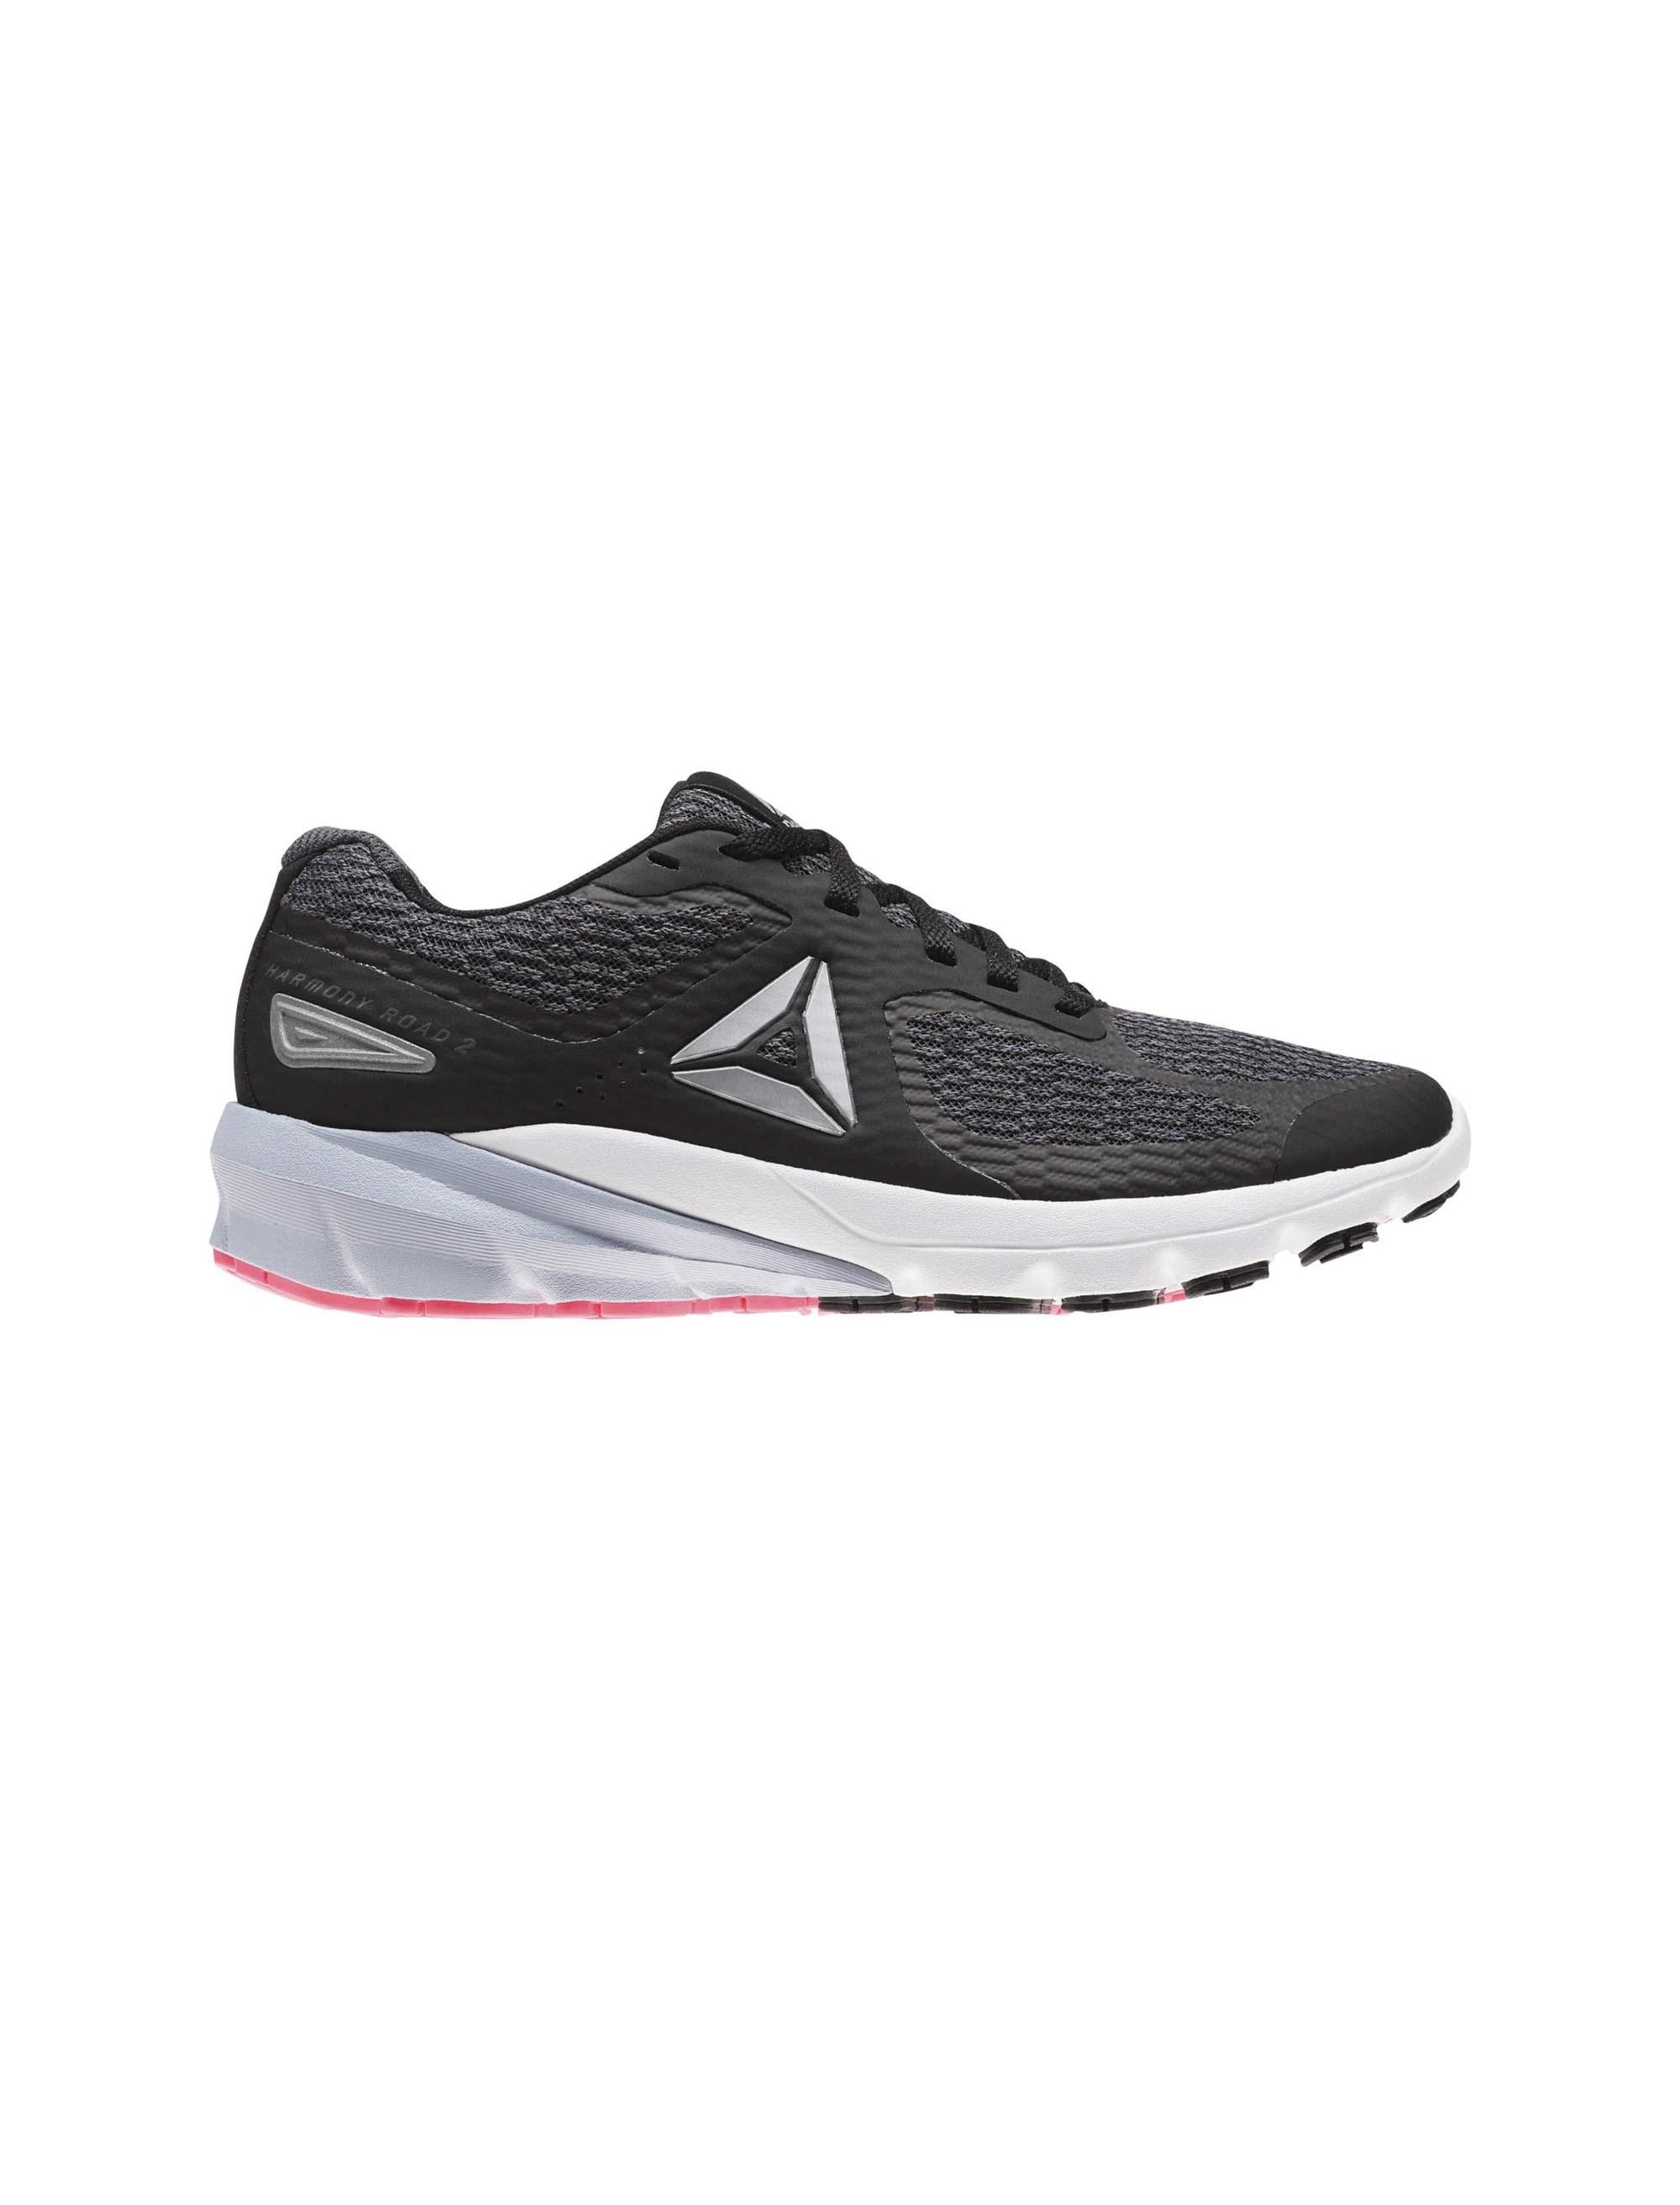 کفش دویدن بندی زنانه Harmony Road 2 - ریباک - مشکي  - 1